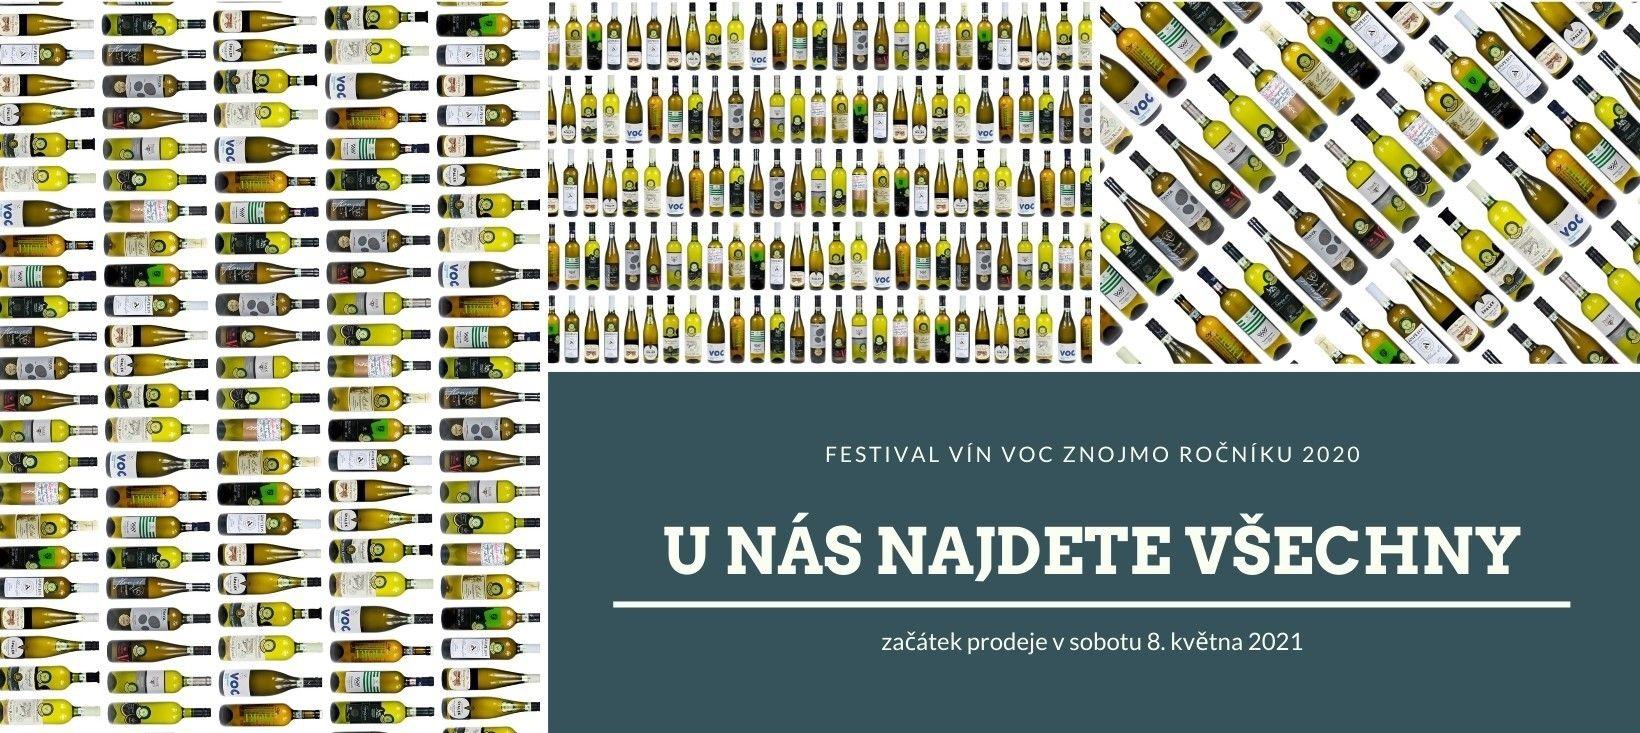 Vinotéka Vínovín Znojmo - vína VOC Znojmo 2020 v prodeji